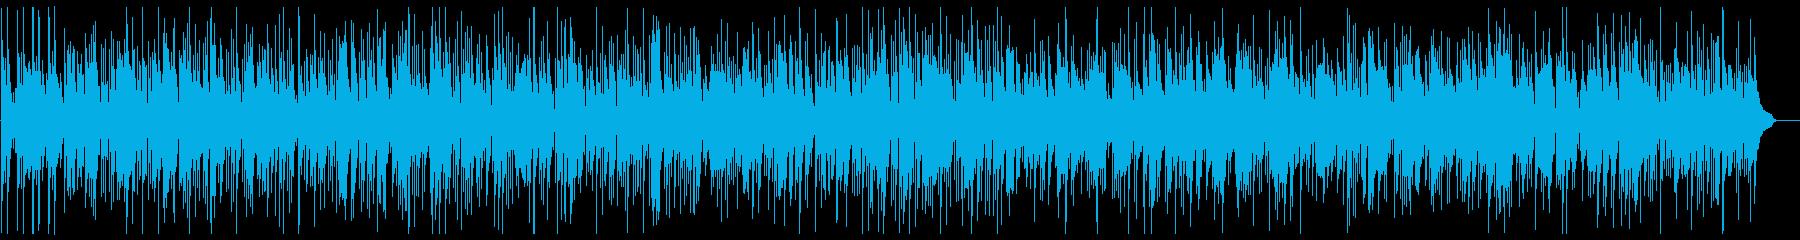 カフェにピッタリなピアノジャズ曲の再生済みの波形